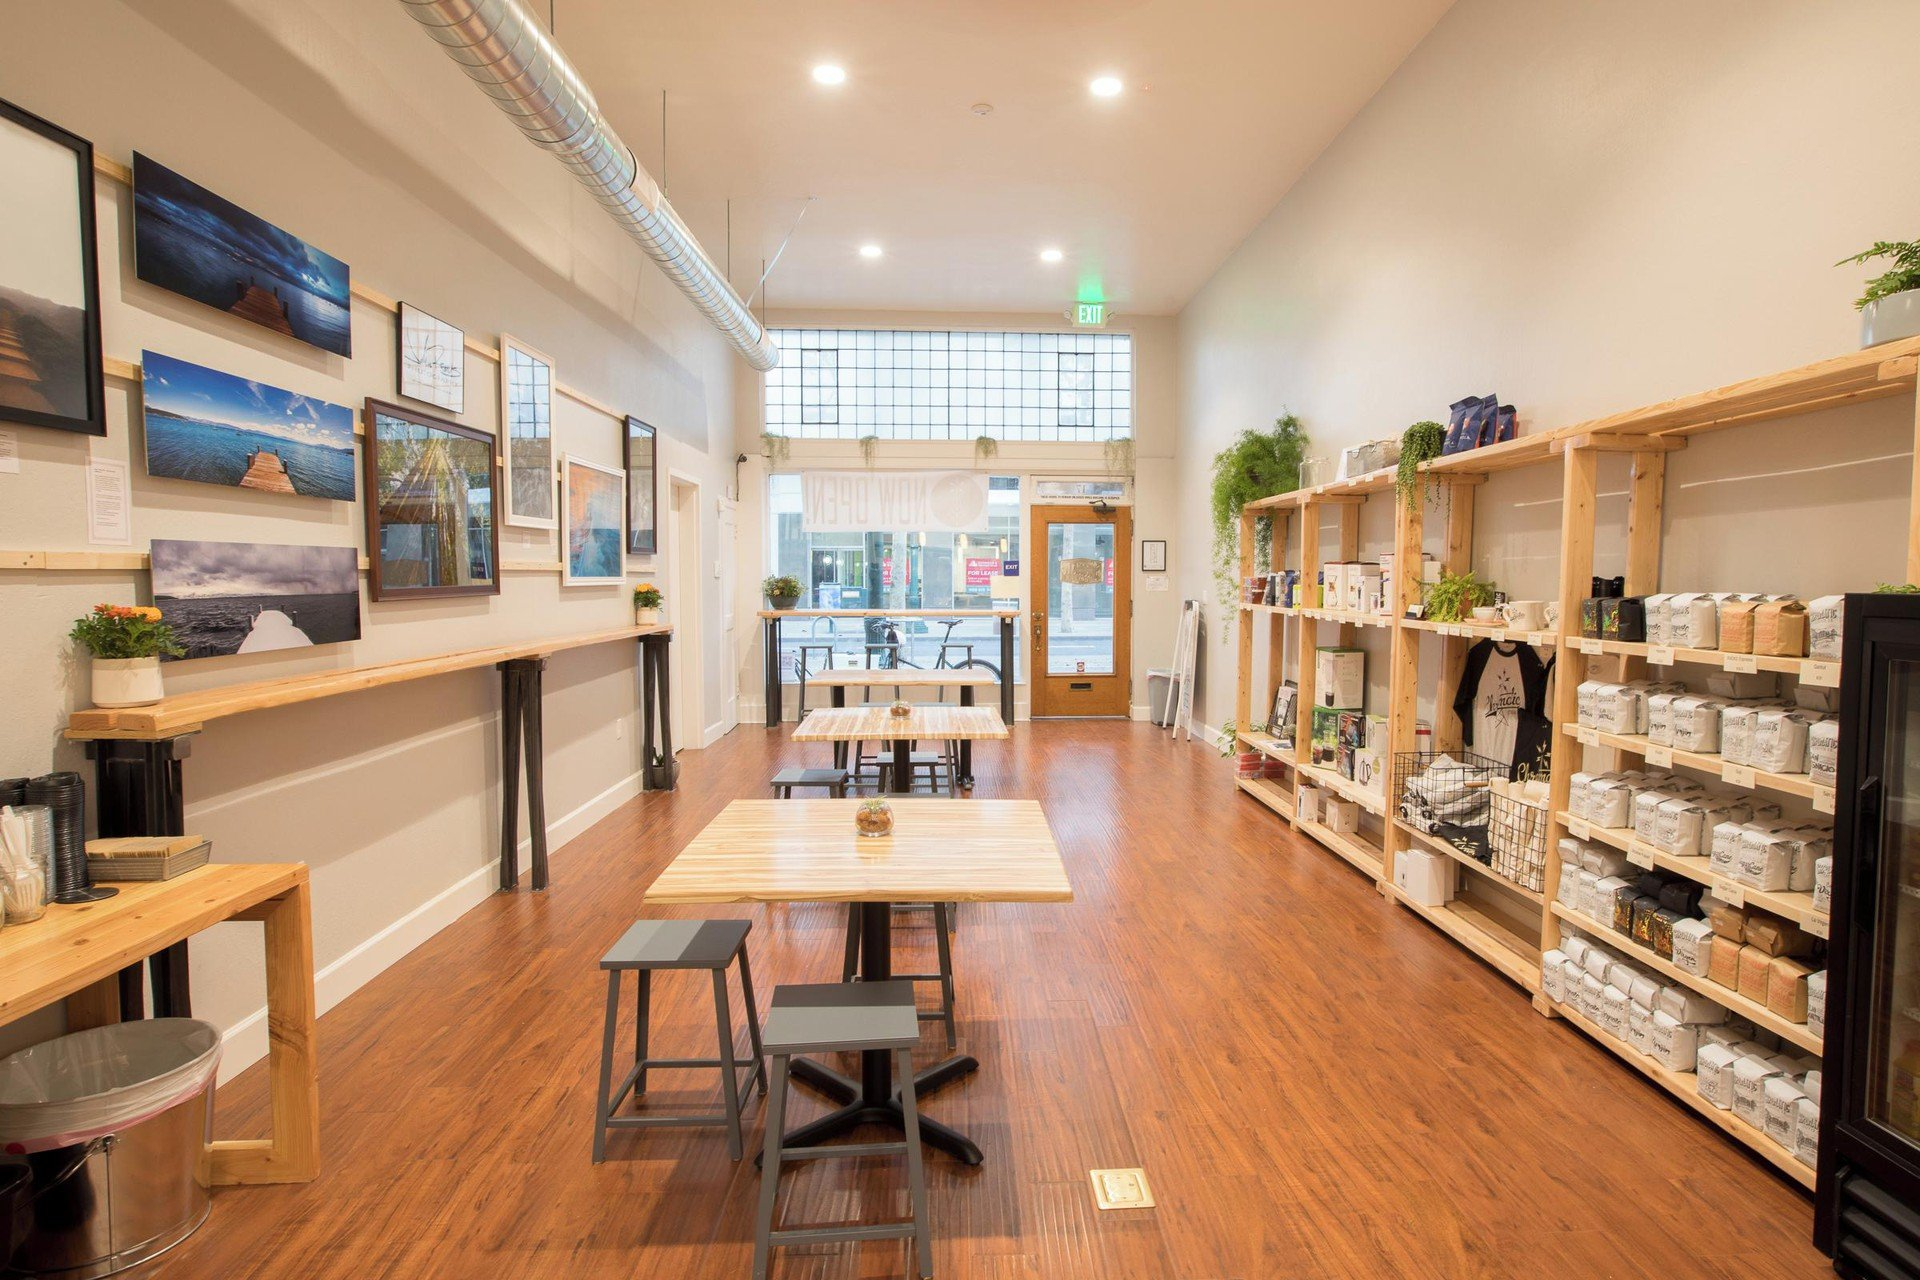 San Jose workshop spaces Café Chromatic Cafe DTSJ image 2